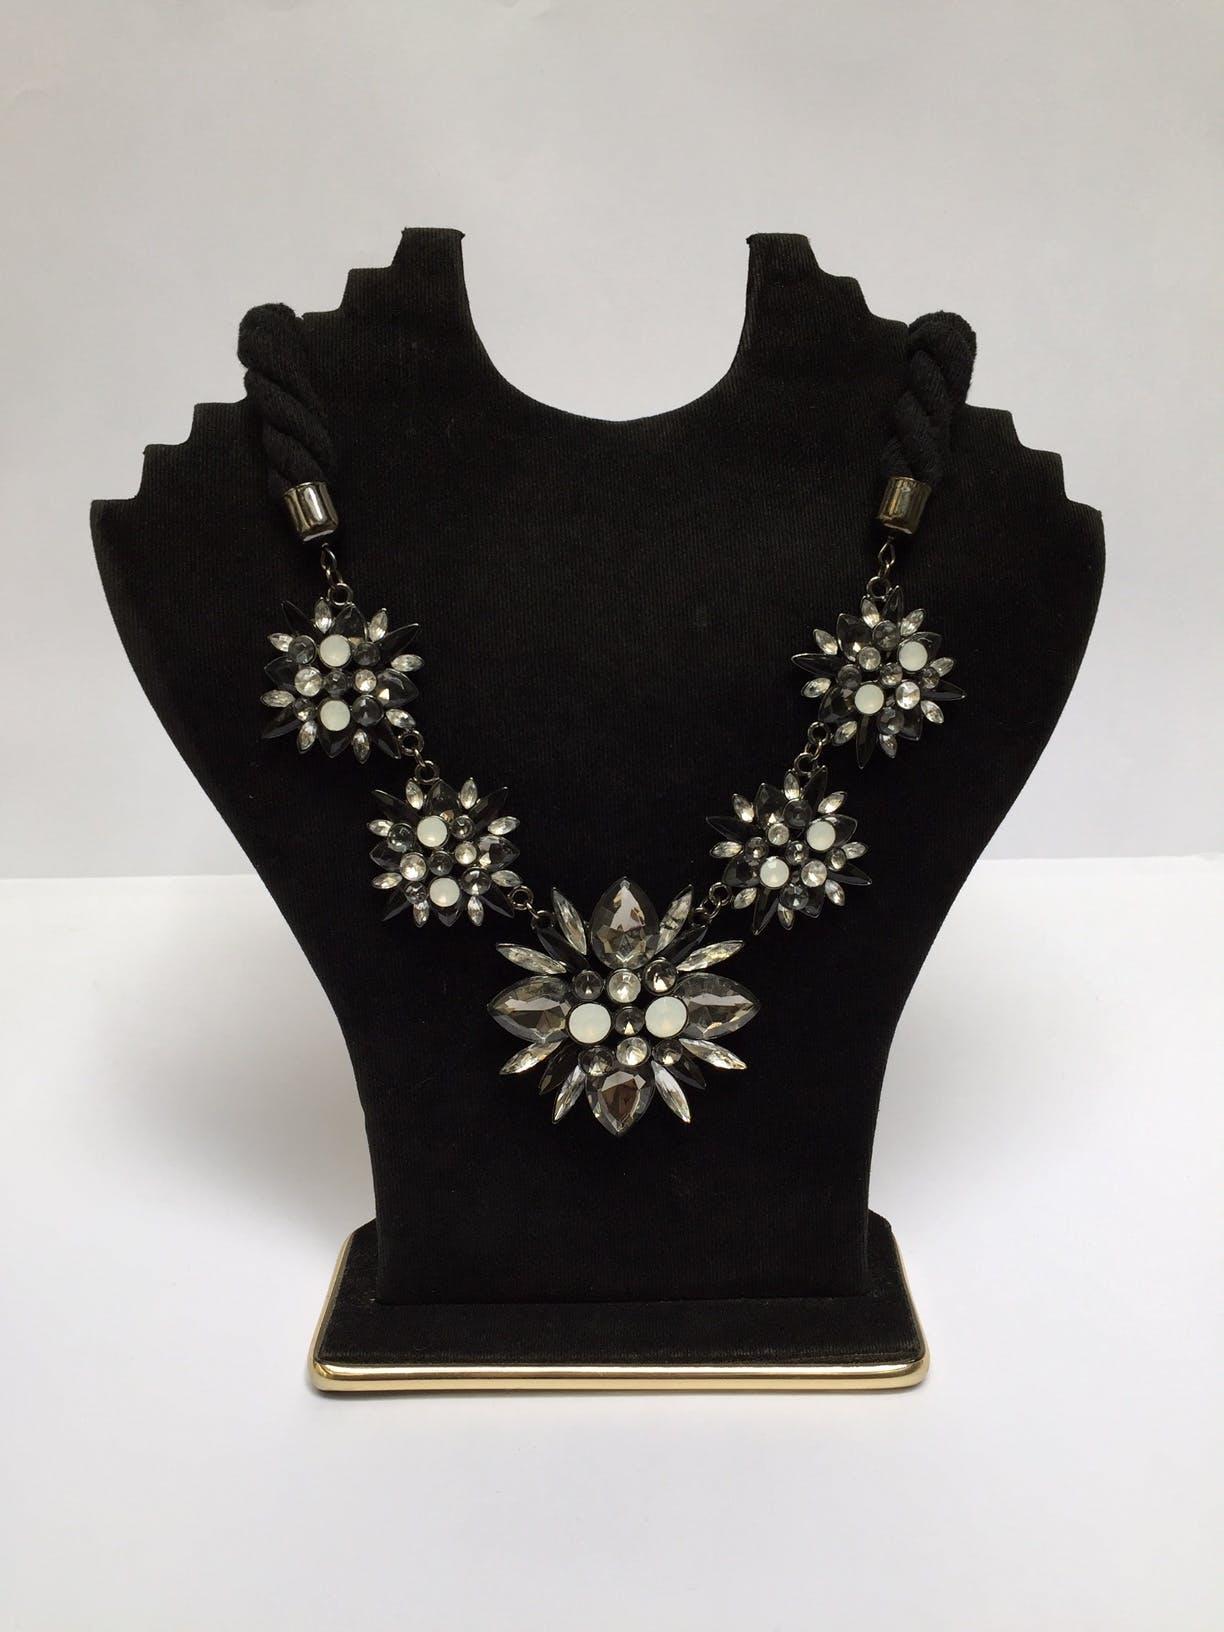 Collar de tela trenzada con flores metálicas negras y blancas, aplicaciones tipo diamante